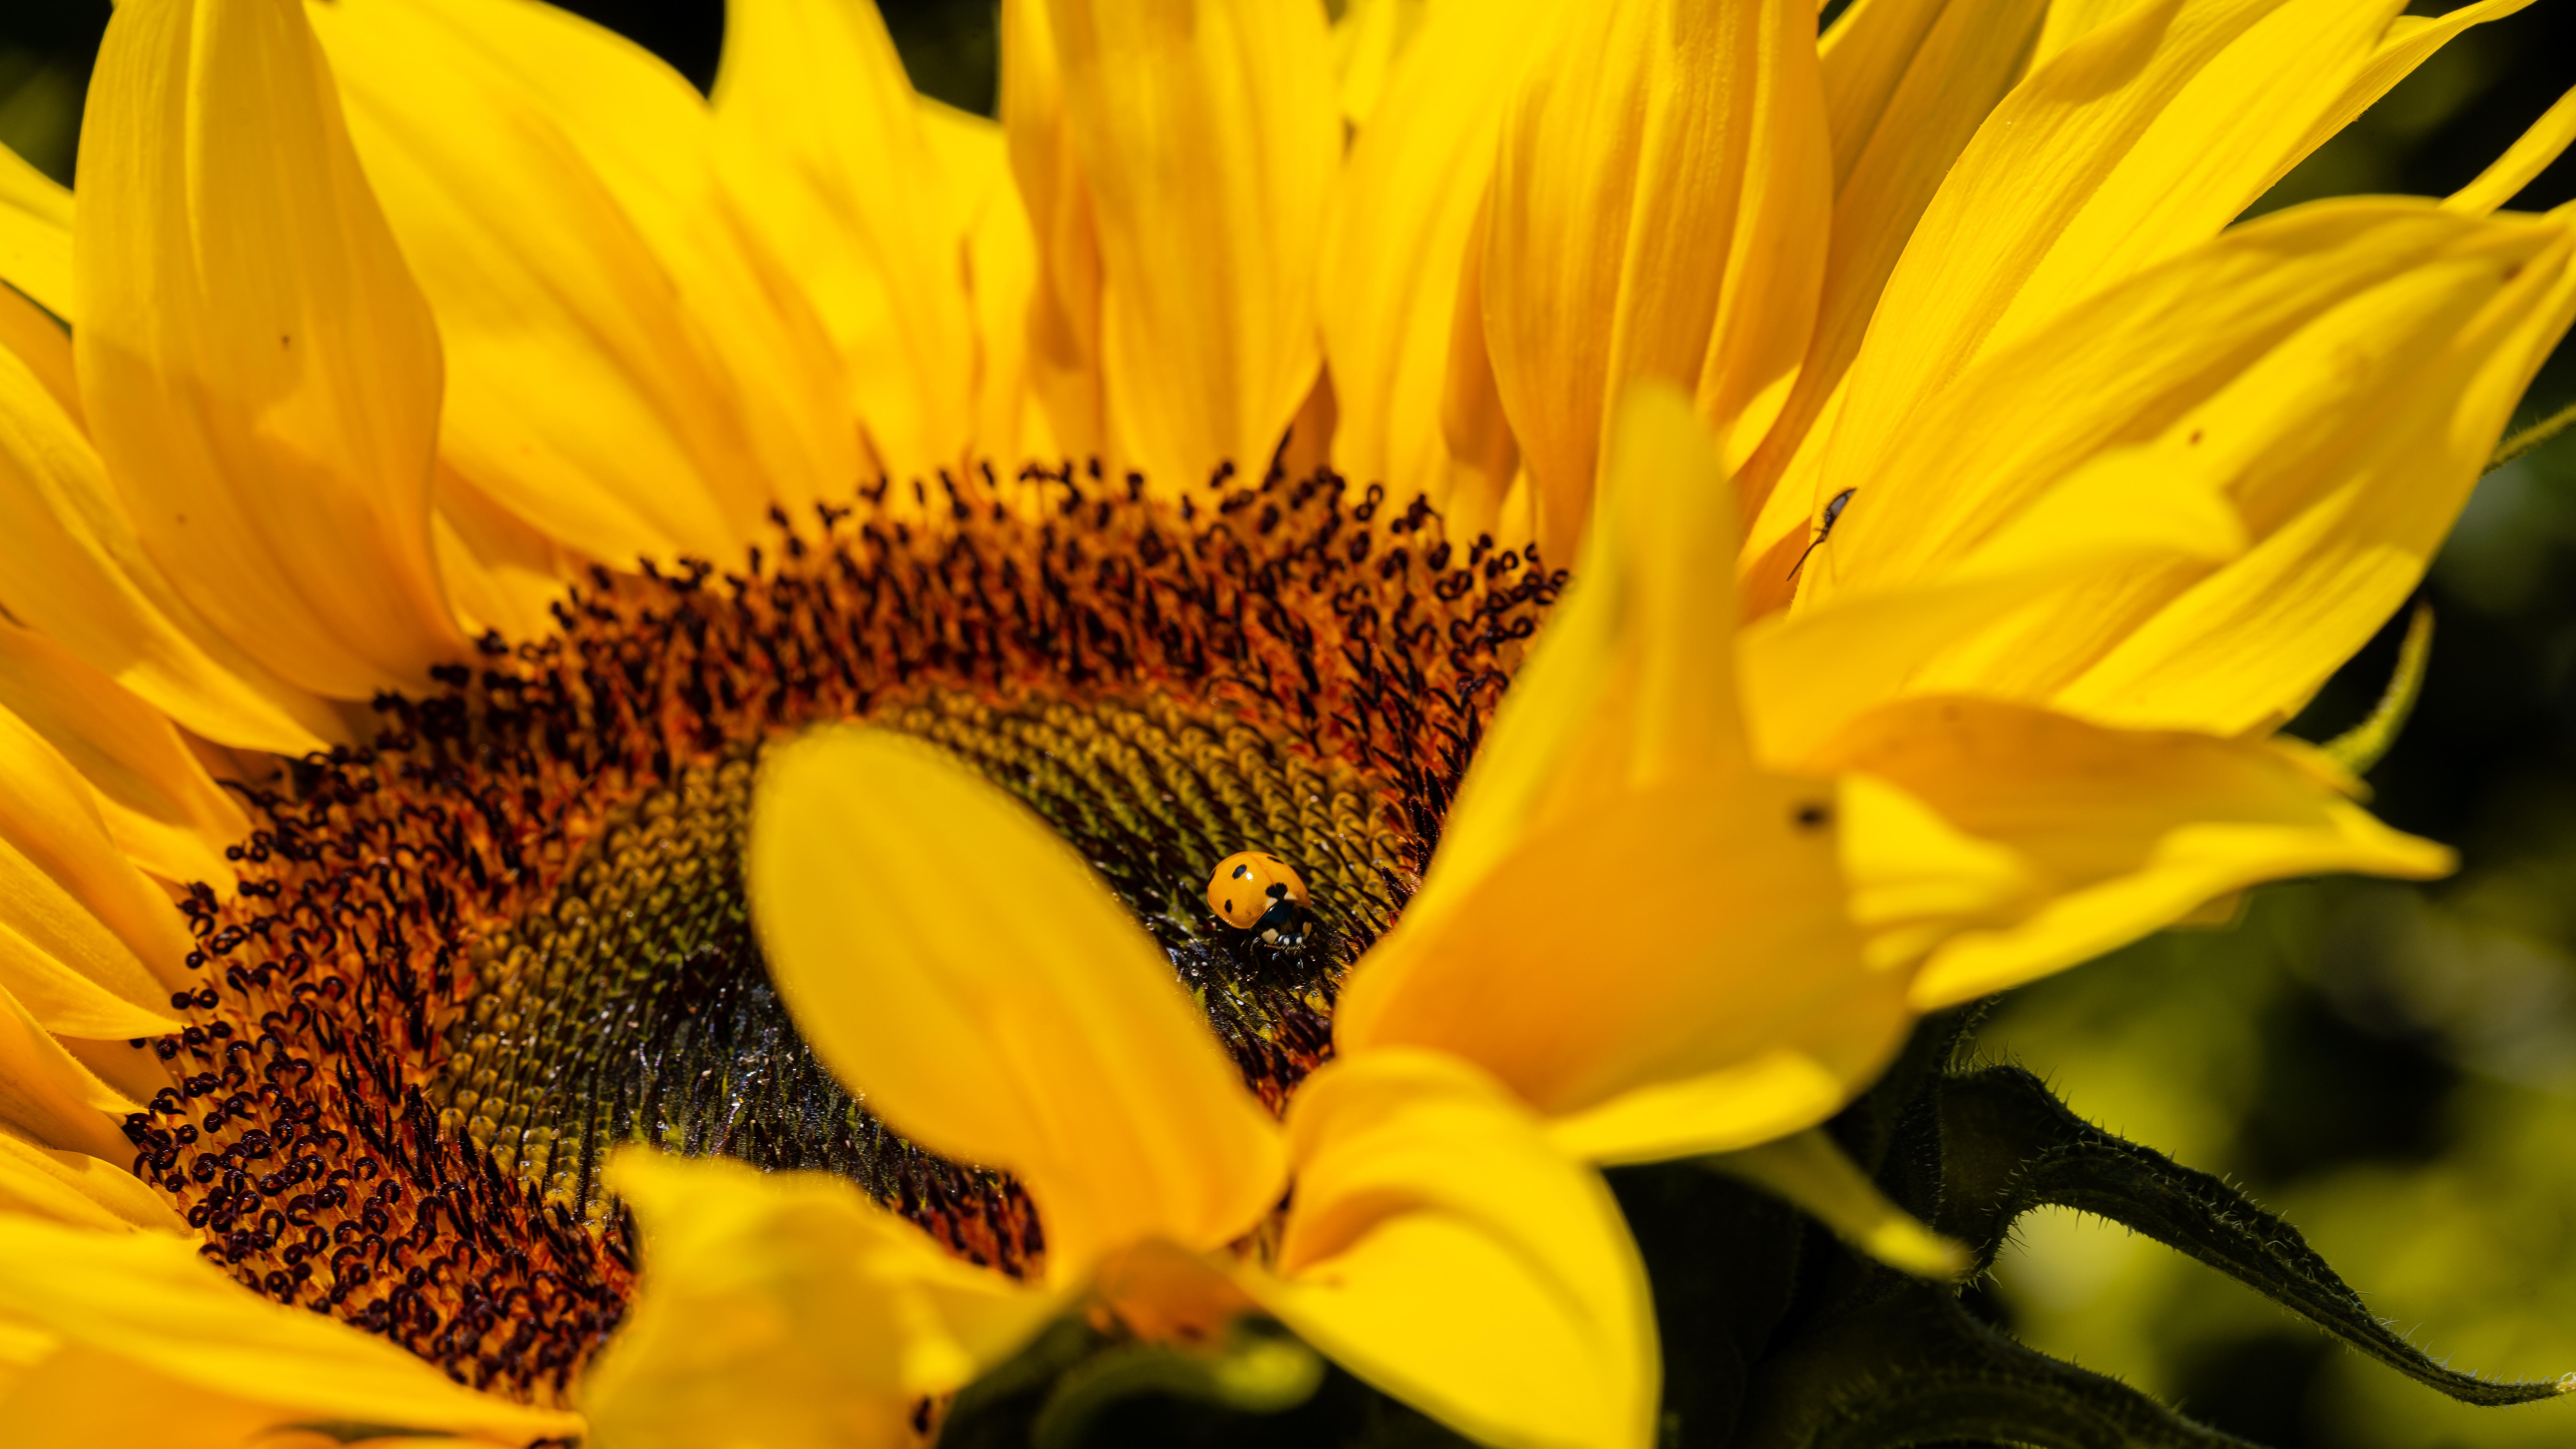 71355 Hintergrundbild herunterladen Marienkäfer, Blume, Makro, Insekt, Ladybird, Sonnenblume - Bildschirmschoner und Bilder kostenlos